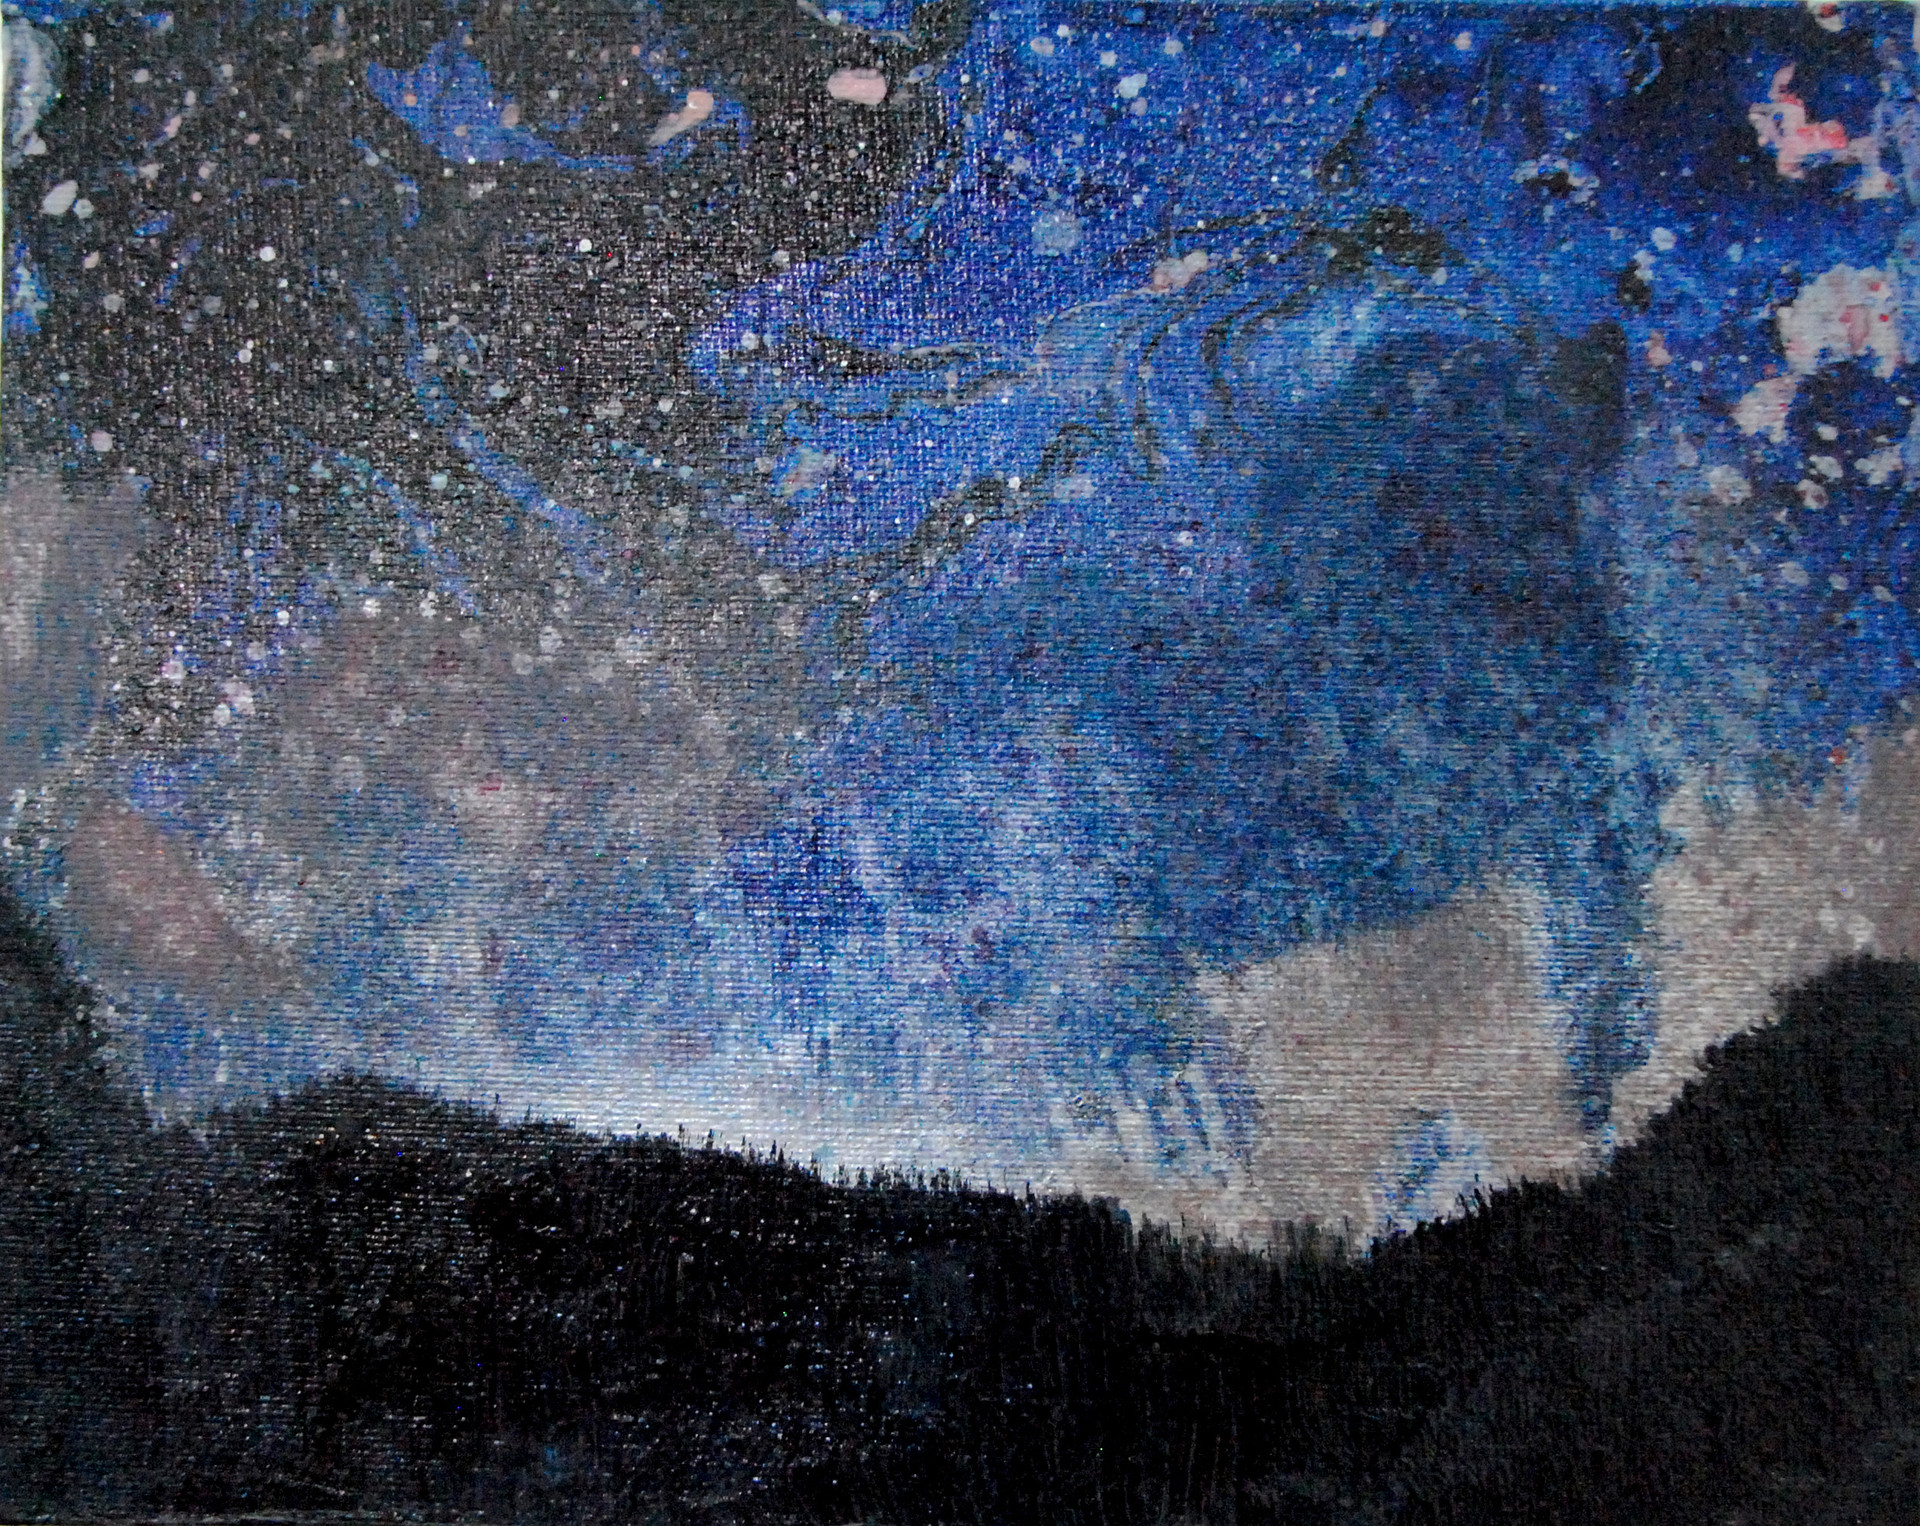 Técnica mixta sobre tela. 20 x 25 cm. 2013